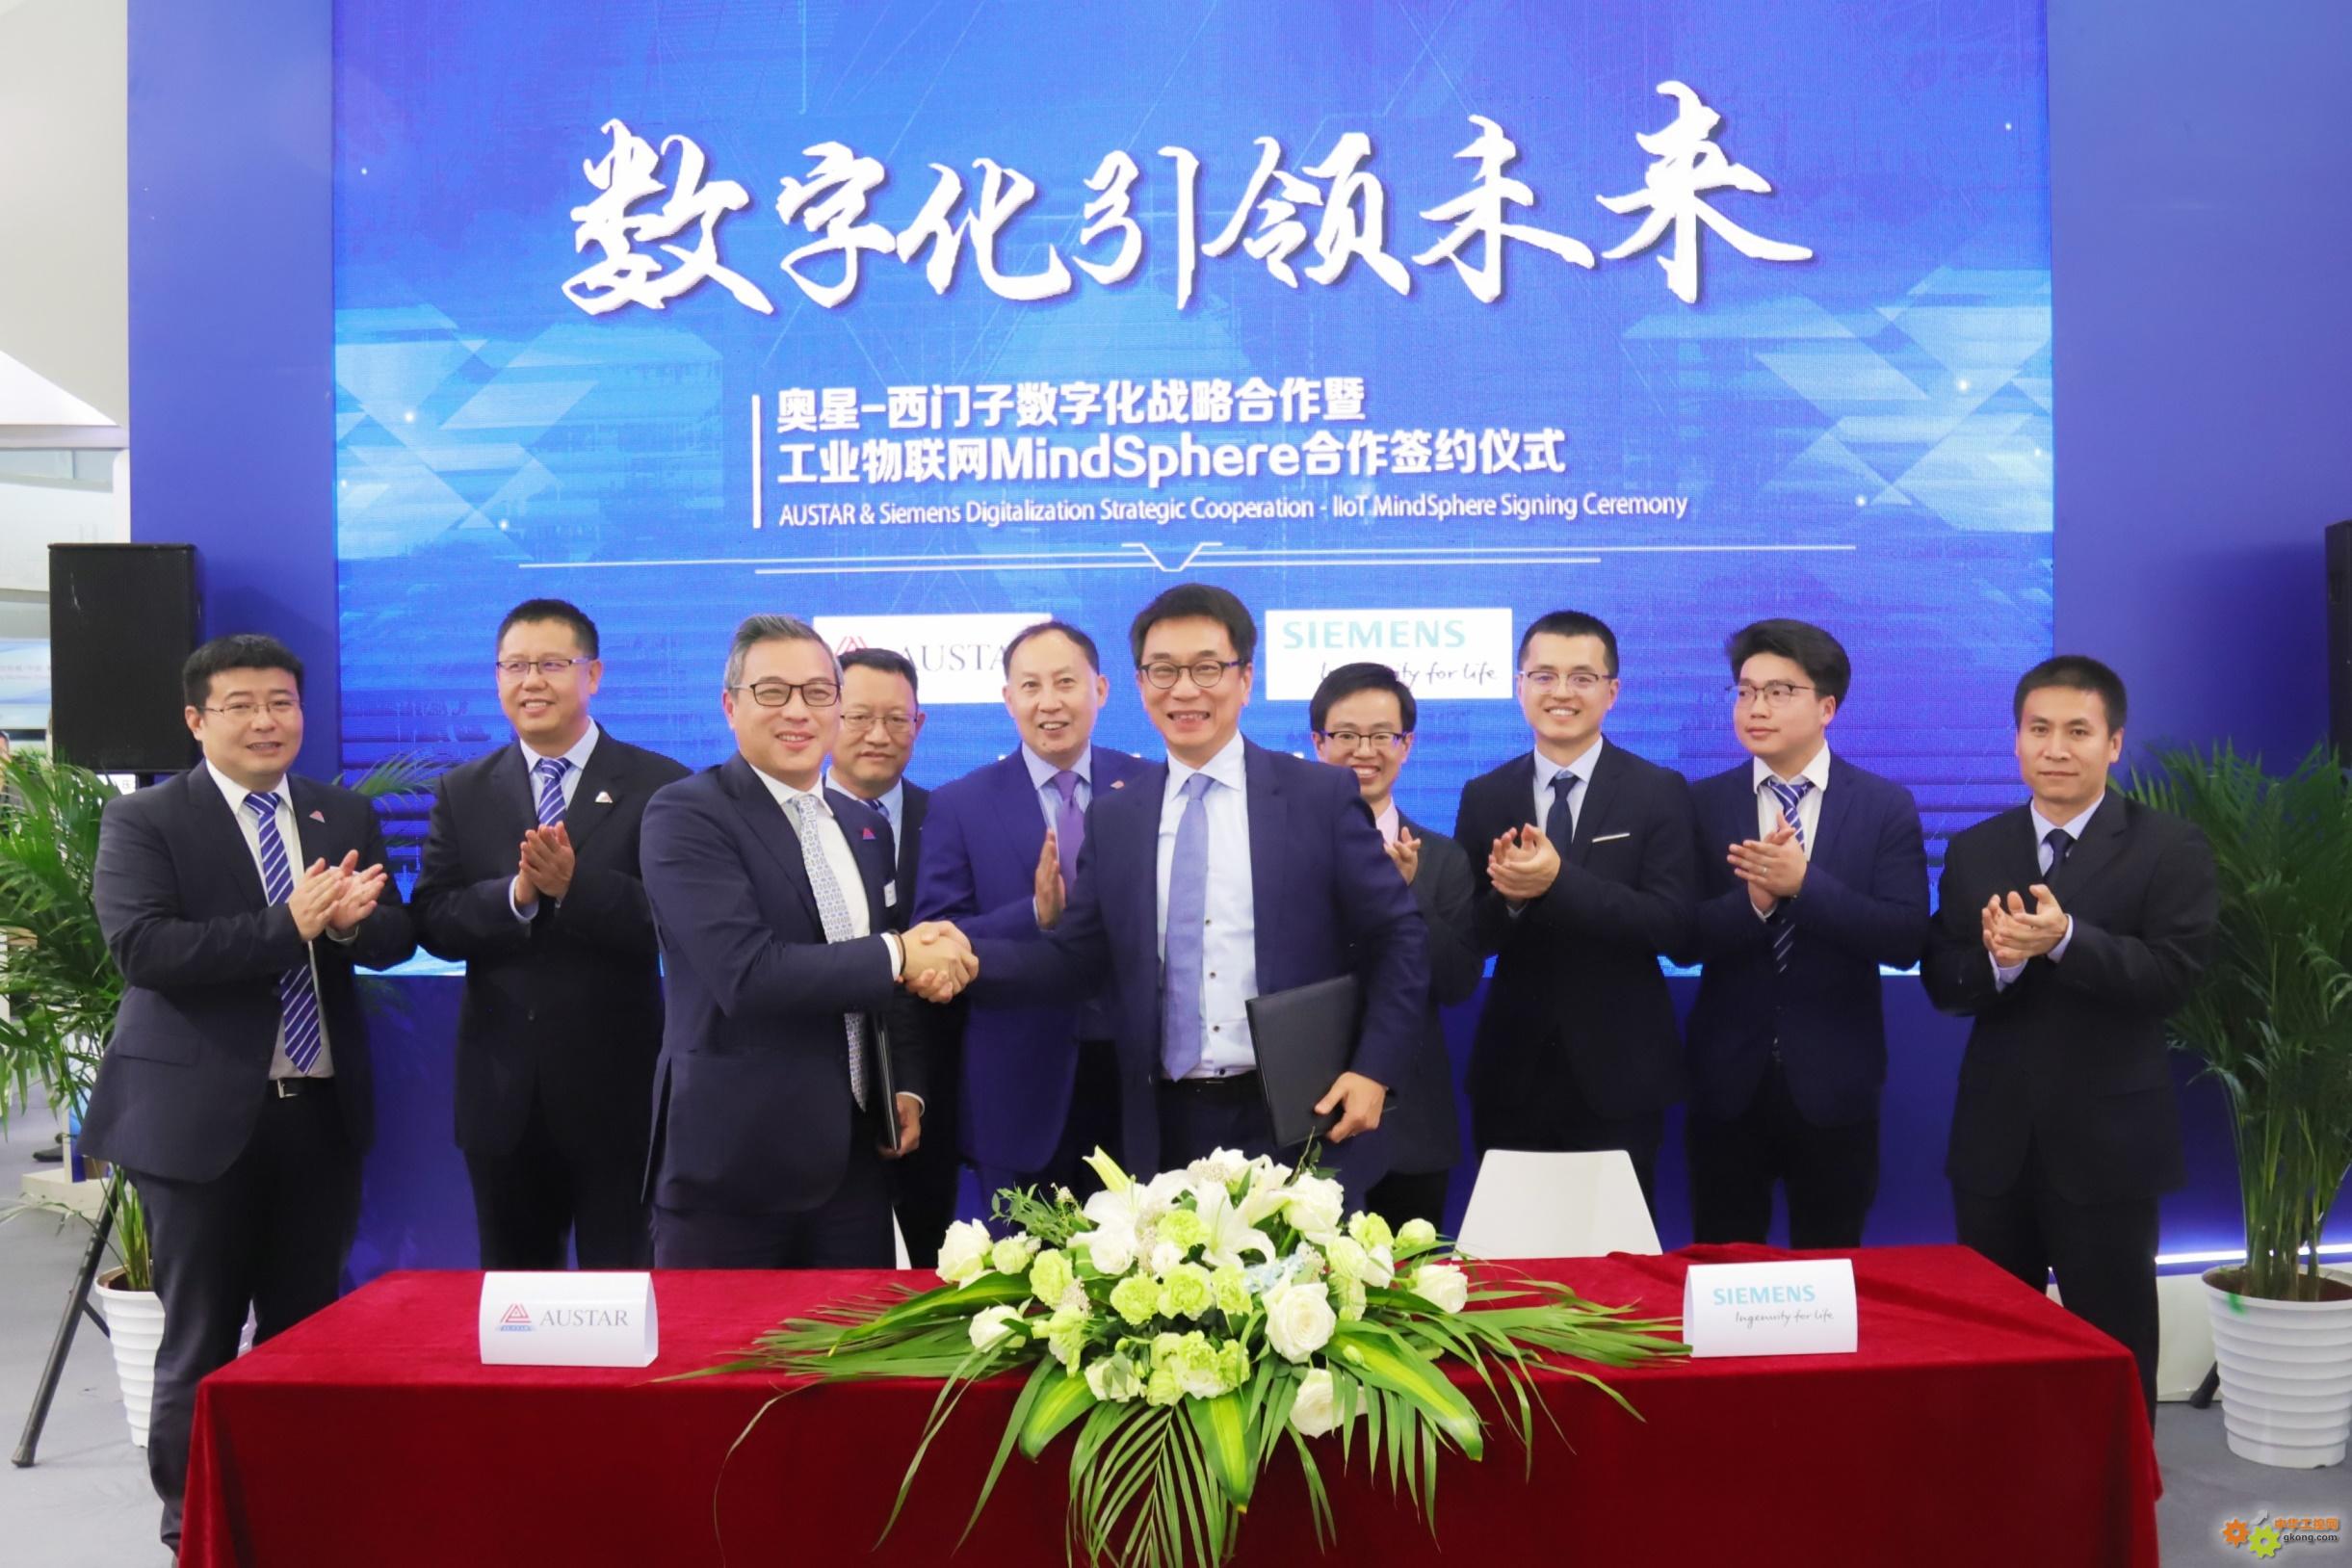 新闻图片_西门子携手奥星鞭策中国制药行业数字化转型